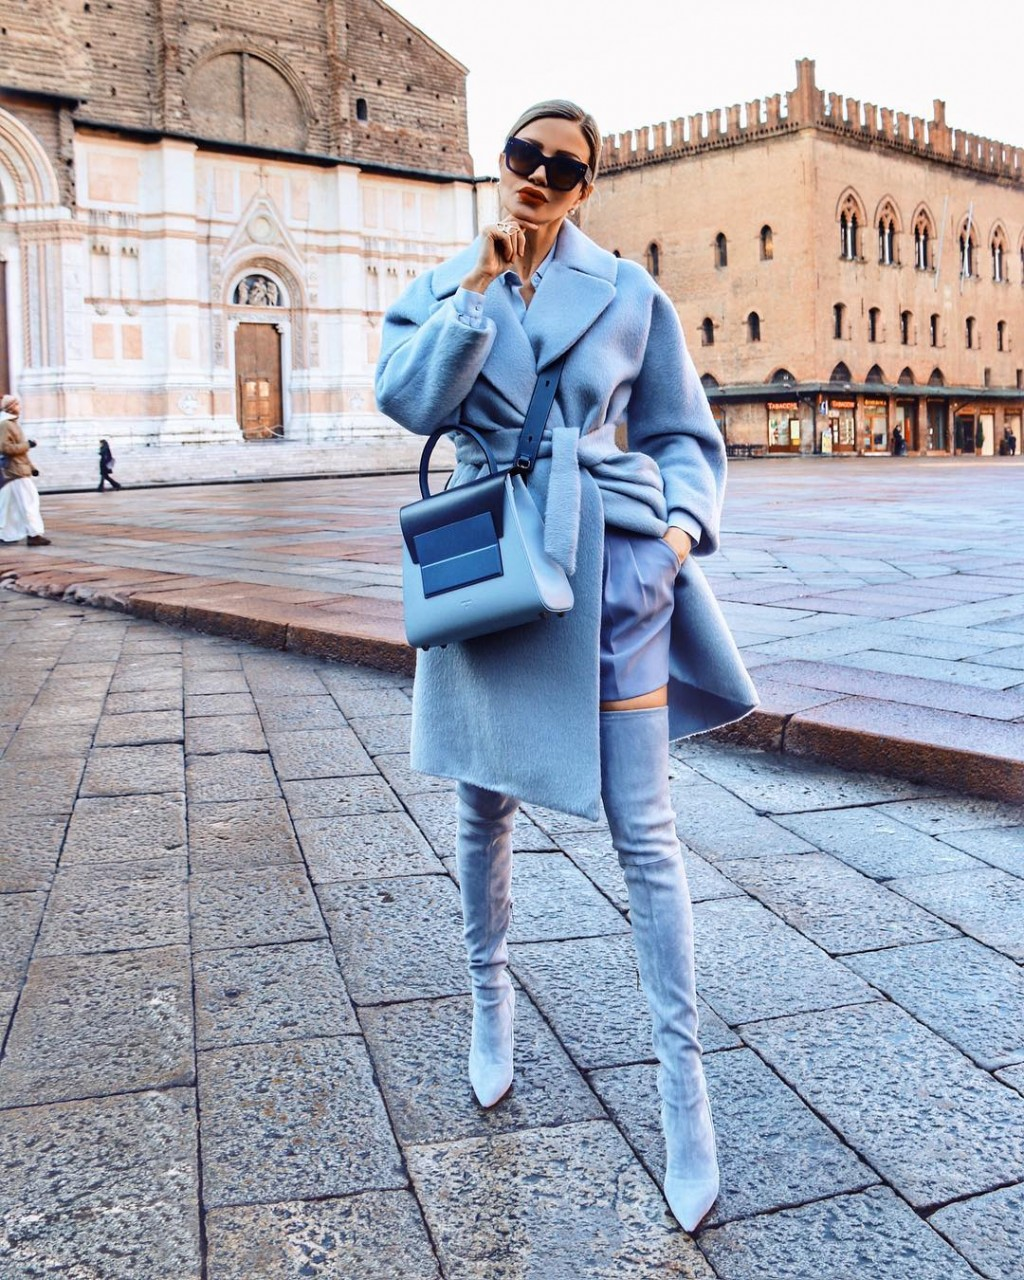 Пальто для женщин после 40 - самые стильные модели весны 2019 возрастная мода